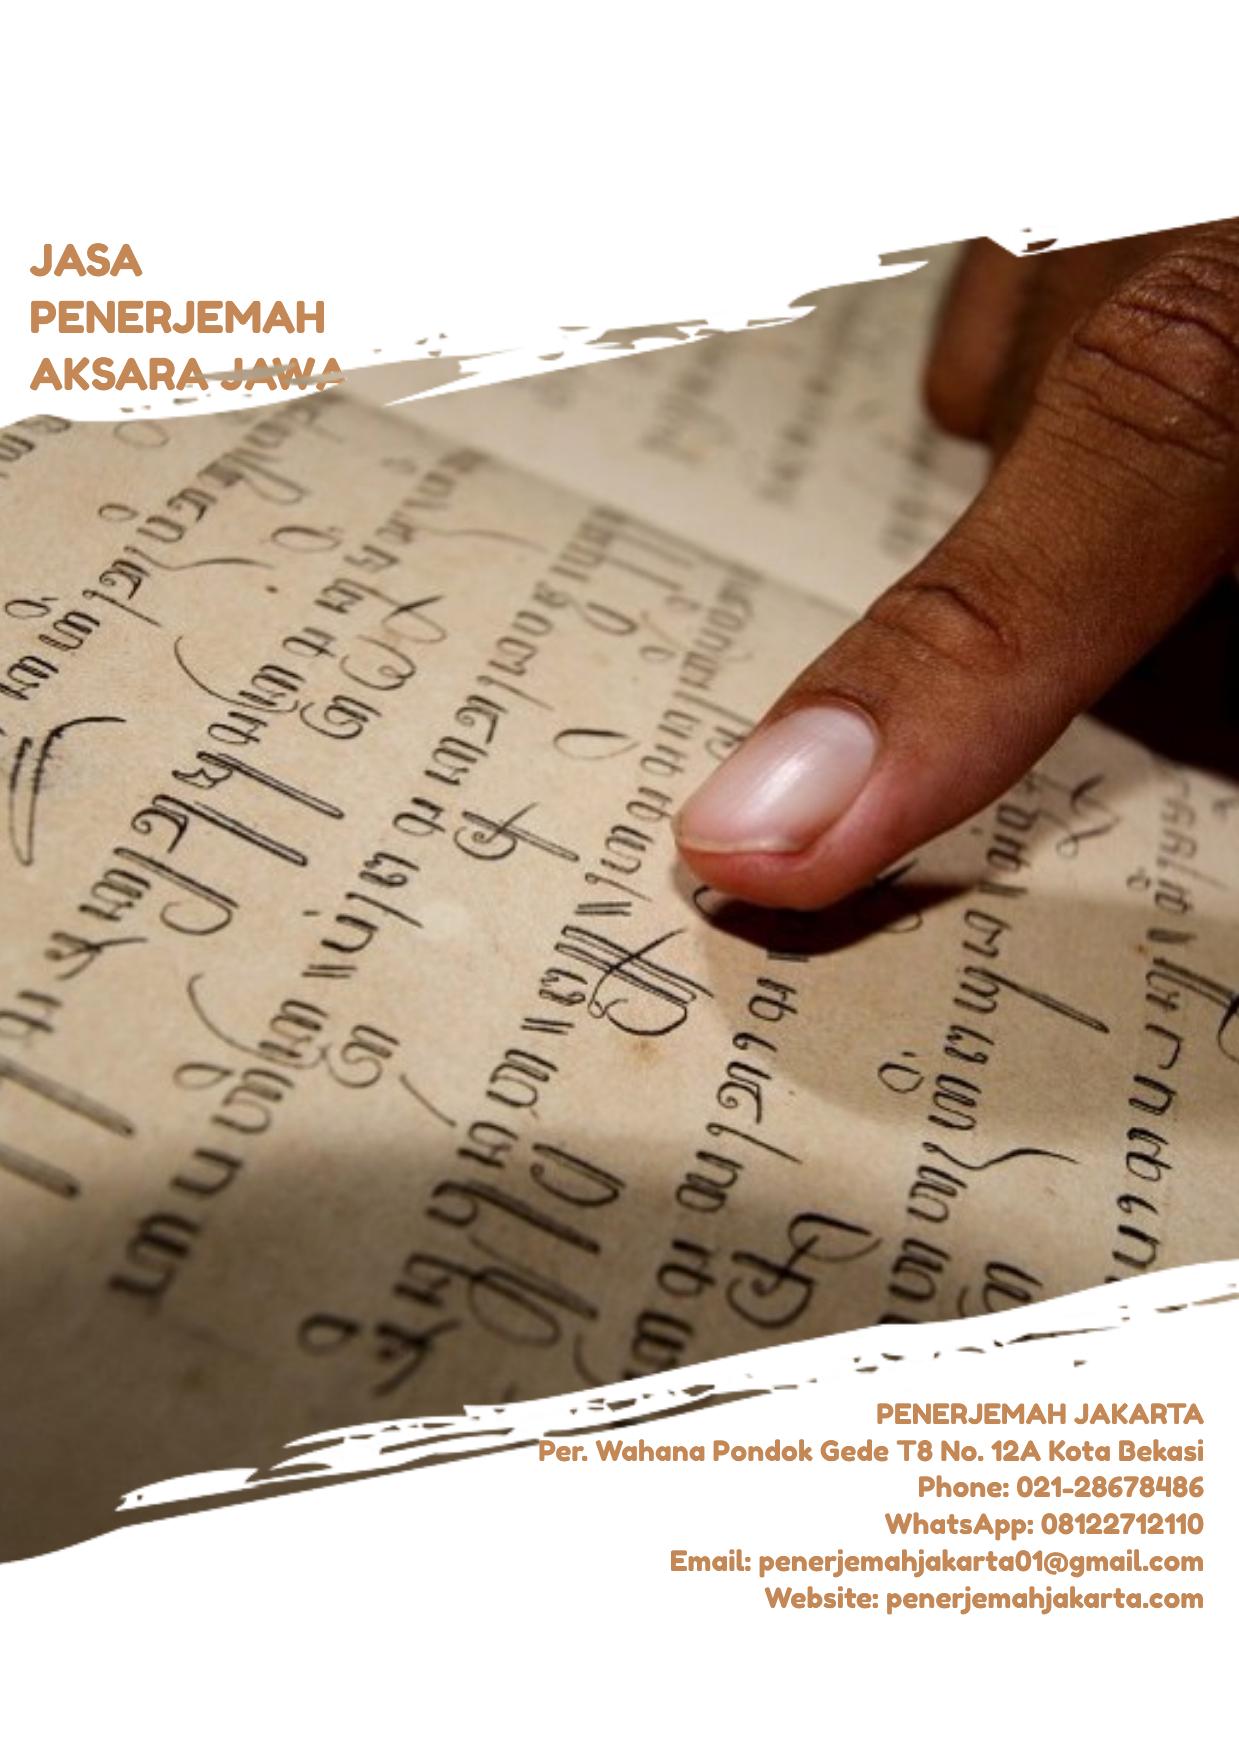 Jasa Penerjemah Aksara Jawa